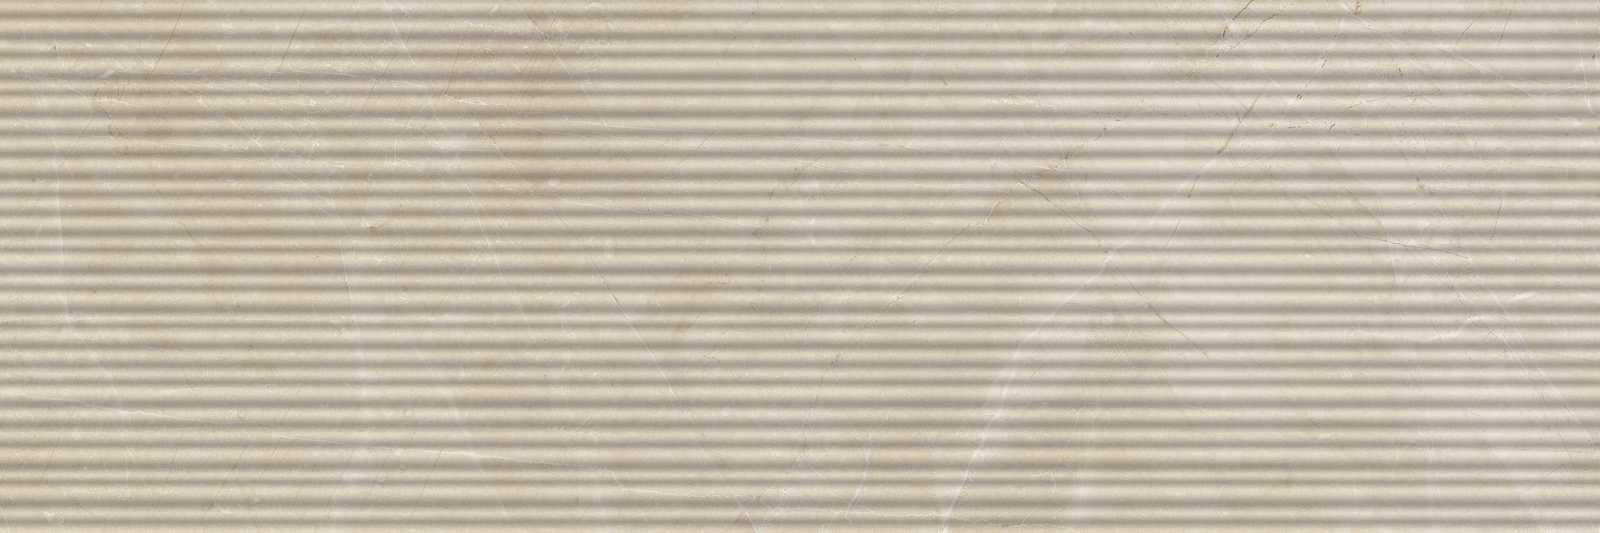 Стенни плочки Marbleplay Marfil Stuttura Mikado 3D 30x90